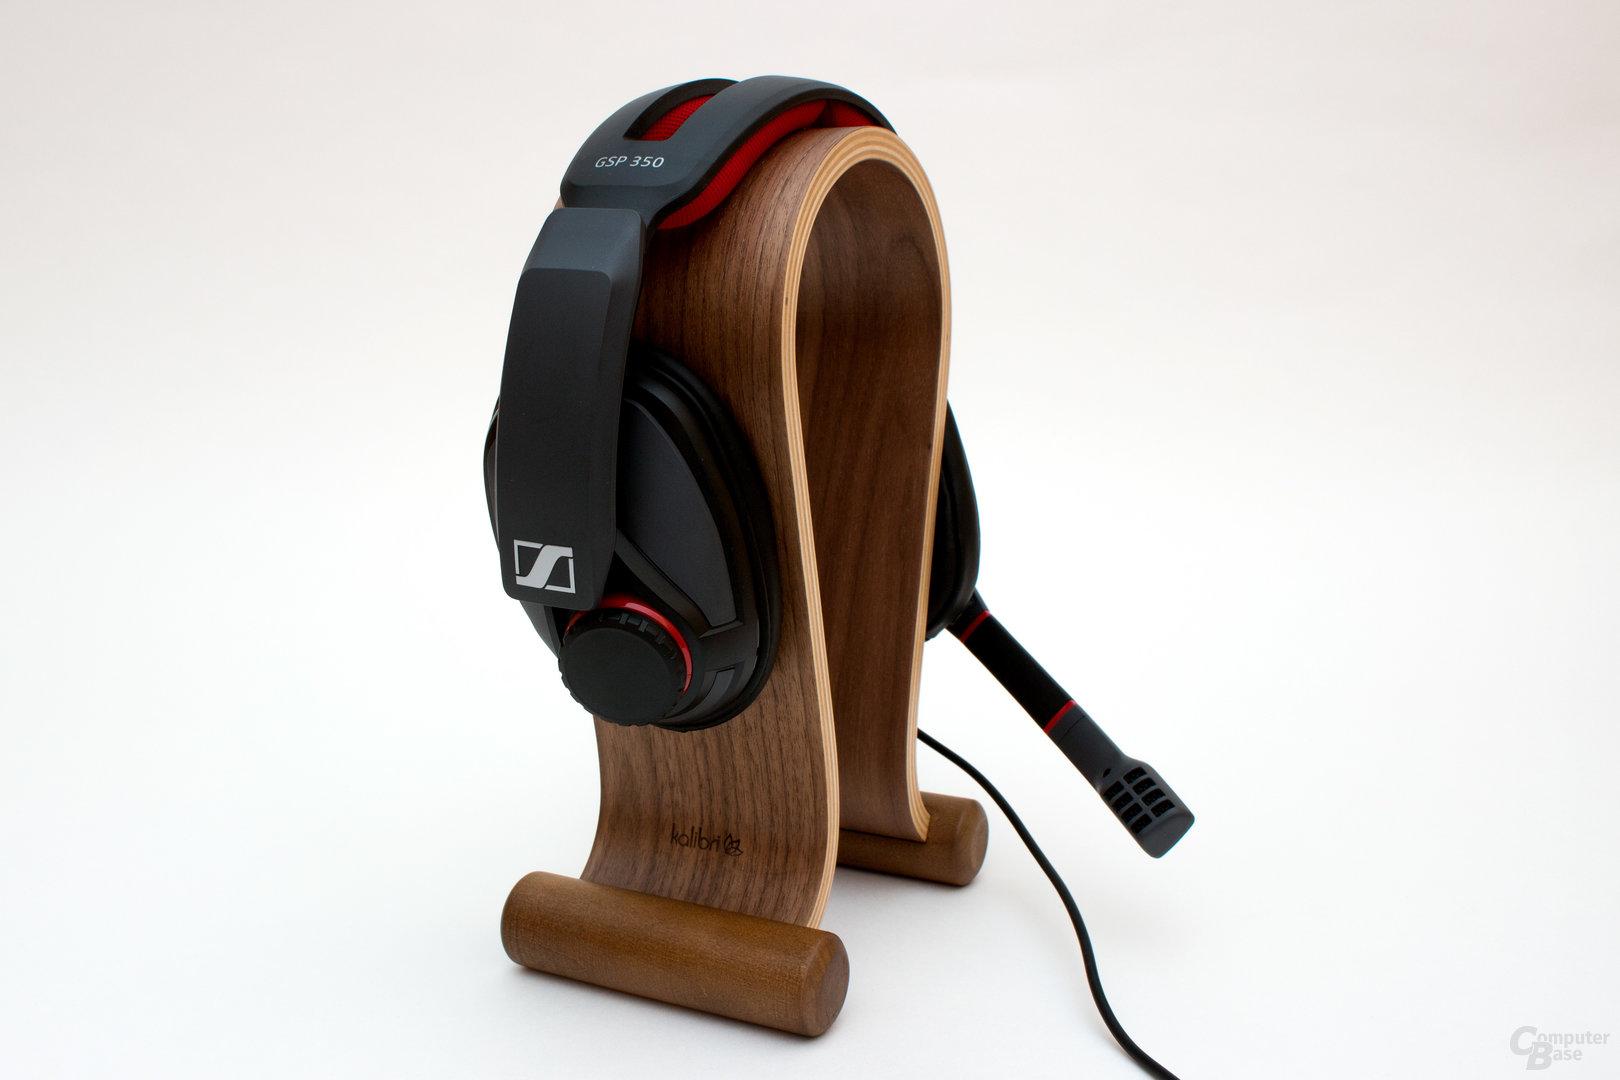 Das Mikrofon des Sennheiser GSP 350 kann nicht überzeugen